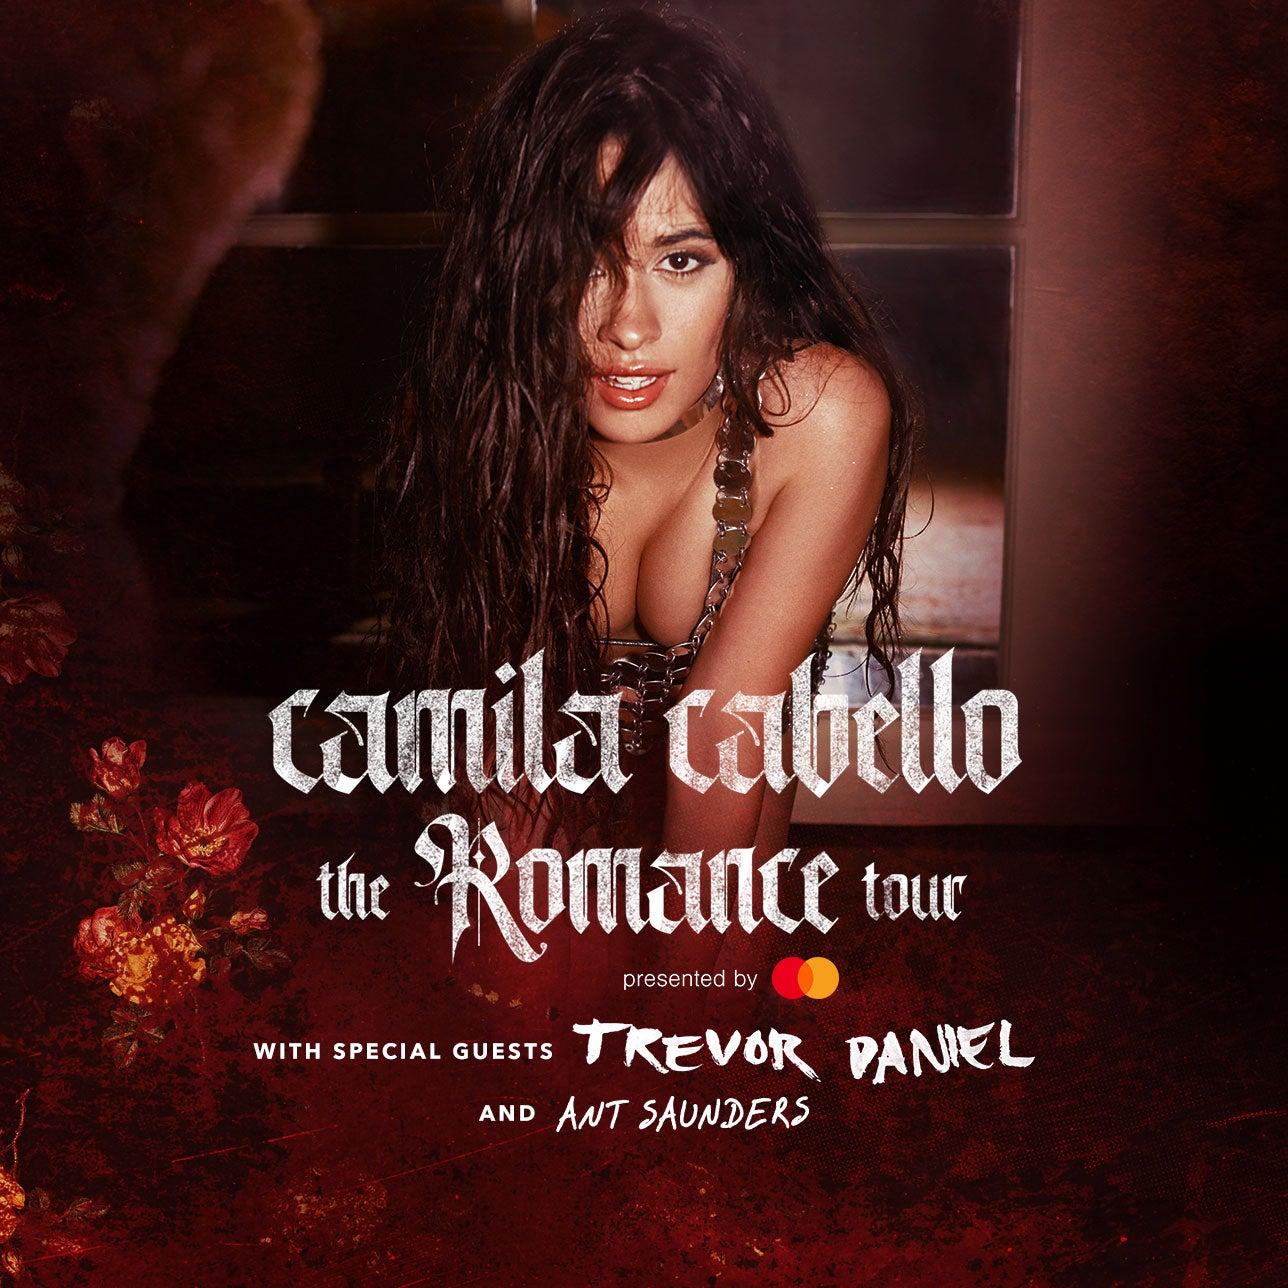 Canceled - Camila Cabello